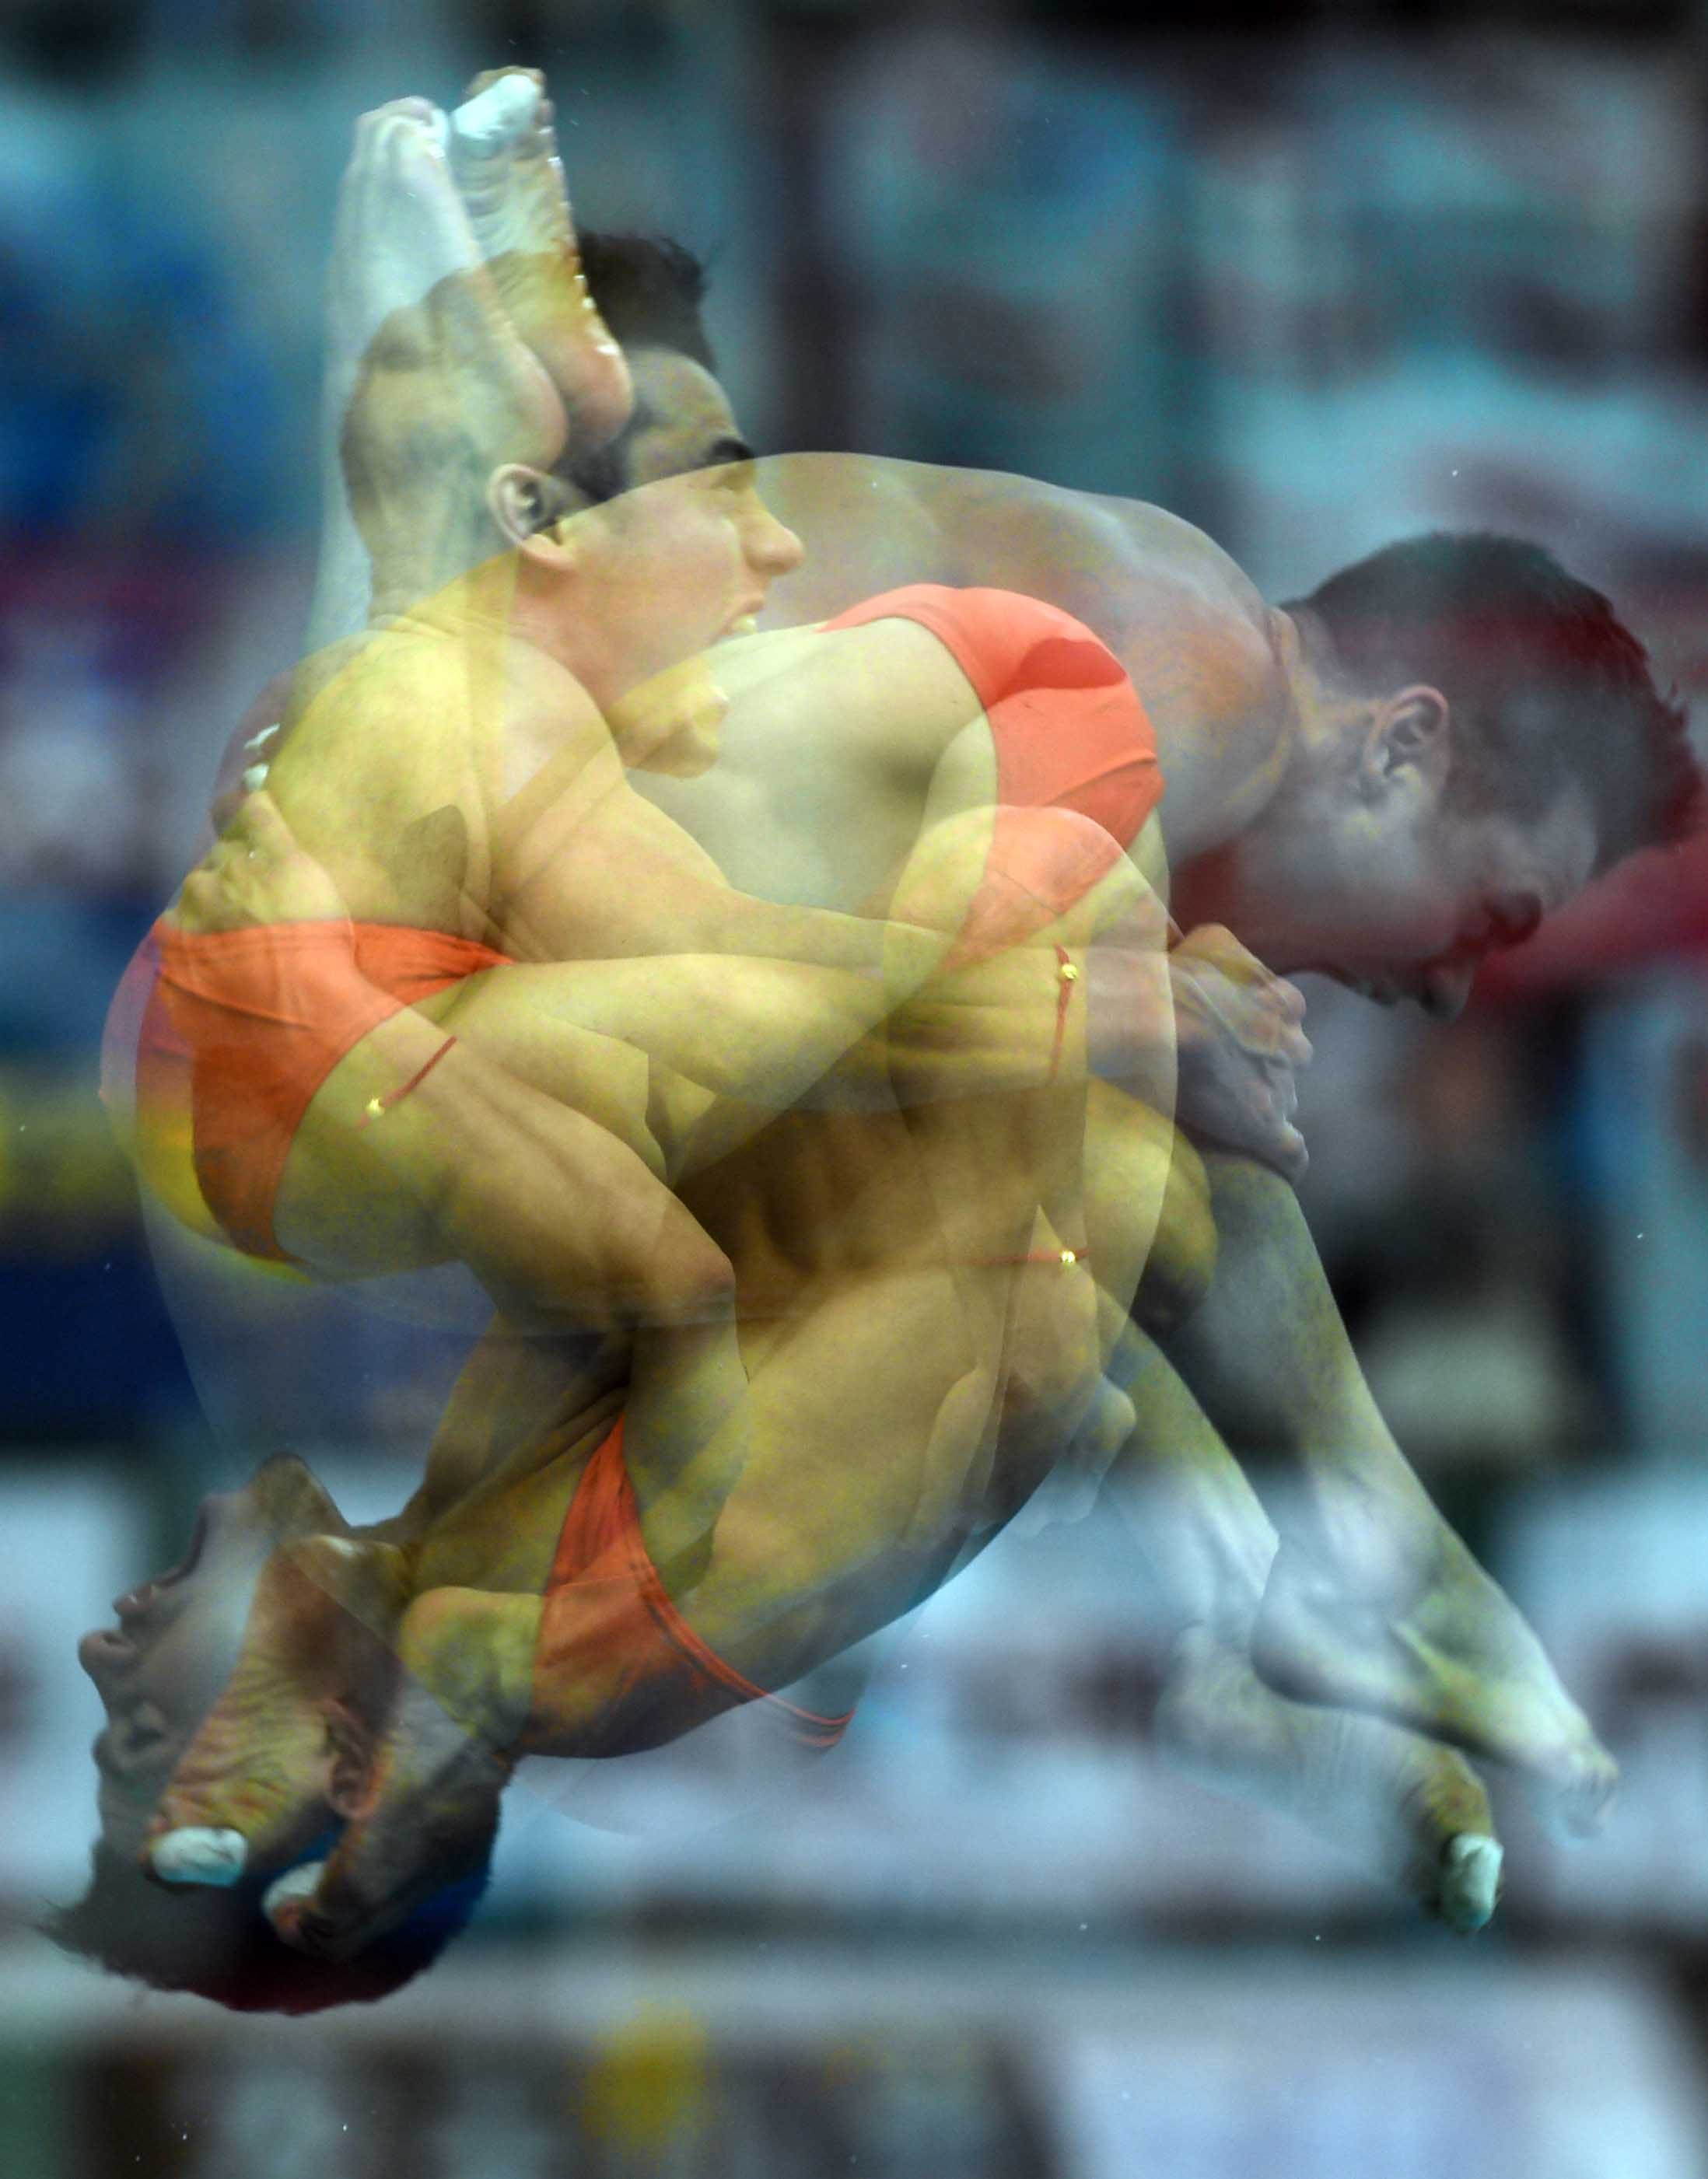 新华社照片,北京,2015年3月14日   (锐视角)(1)跳水国际泳联世界跳水系列赛: 三头六臂   3月14日,墨西哥选手卡斯蒂洛在男子3米板决赛中(多重曝光)。   当日,在2015年国际泳联(FINA)世界跳水系列赛北京站继续进行。   新华社记者公磊摄